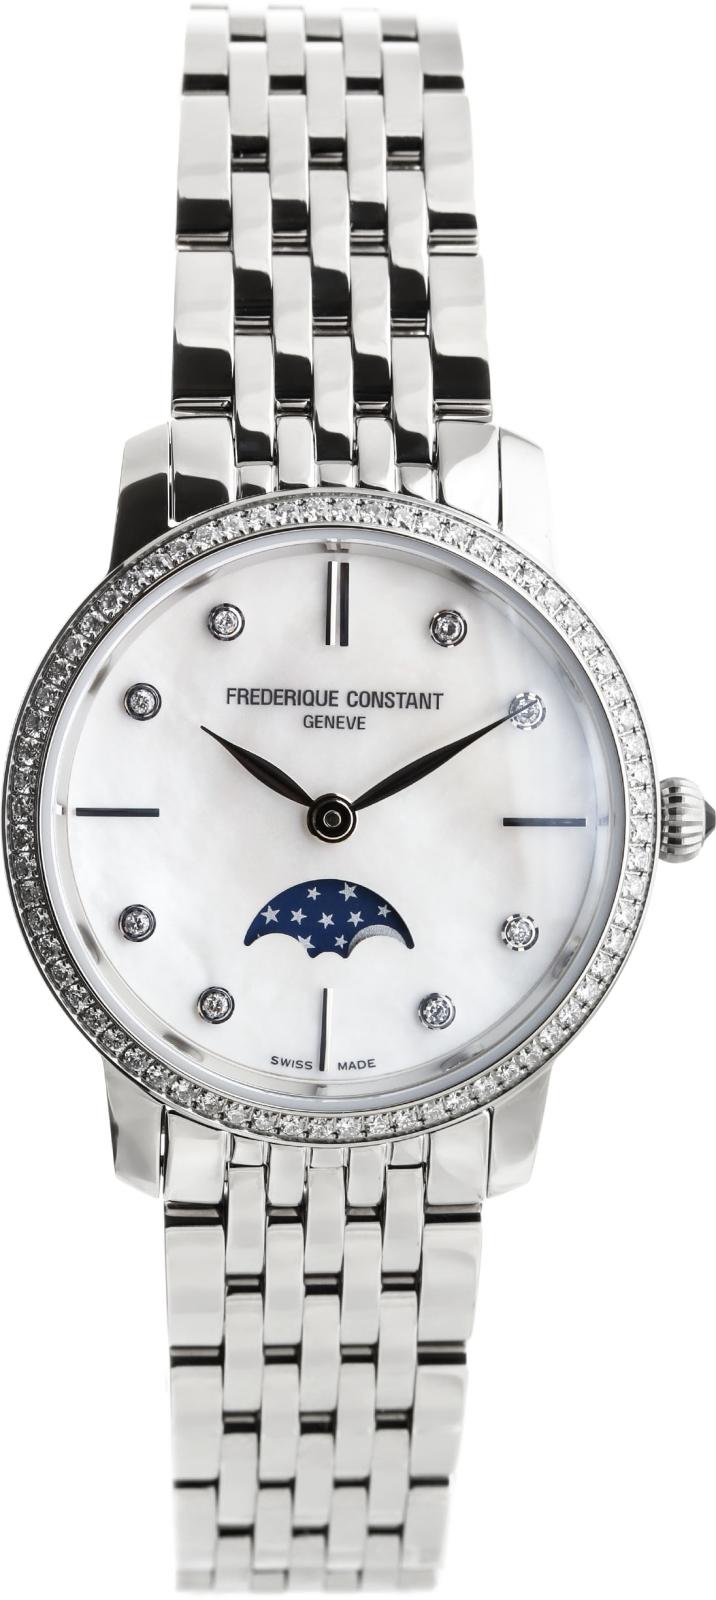 Frederique Constant Slim Line FC-206MPWD1SD6BНаручные часы<br>Швейцарские часы Frederique Constant Slim Line FC-206MPWD1SD6B<br><br>Пол: Женские<br>Страна-производитель: Швейцария<br>Механизм: Кварцевый<br>Материал корпуса: Сталь<br>Материал ремня/браслета: Сталь<br>Водозащита, диапазон: 20 - 100 м<br>Стекло: Сапфировое<br>Толщина корпуса: 8 мм<br>Стиль: Классика